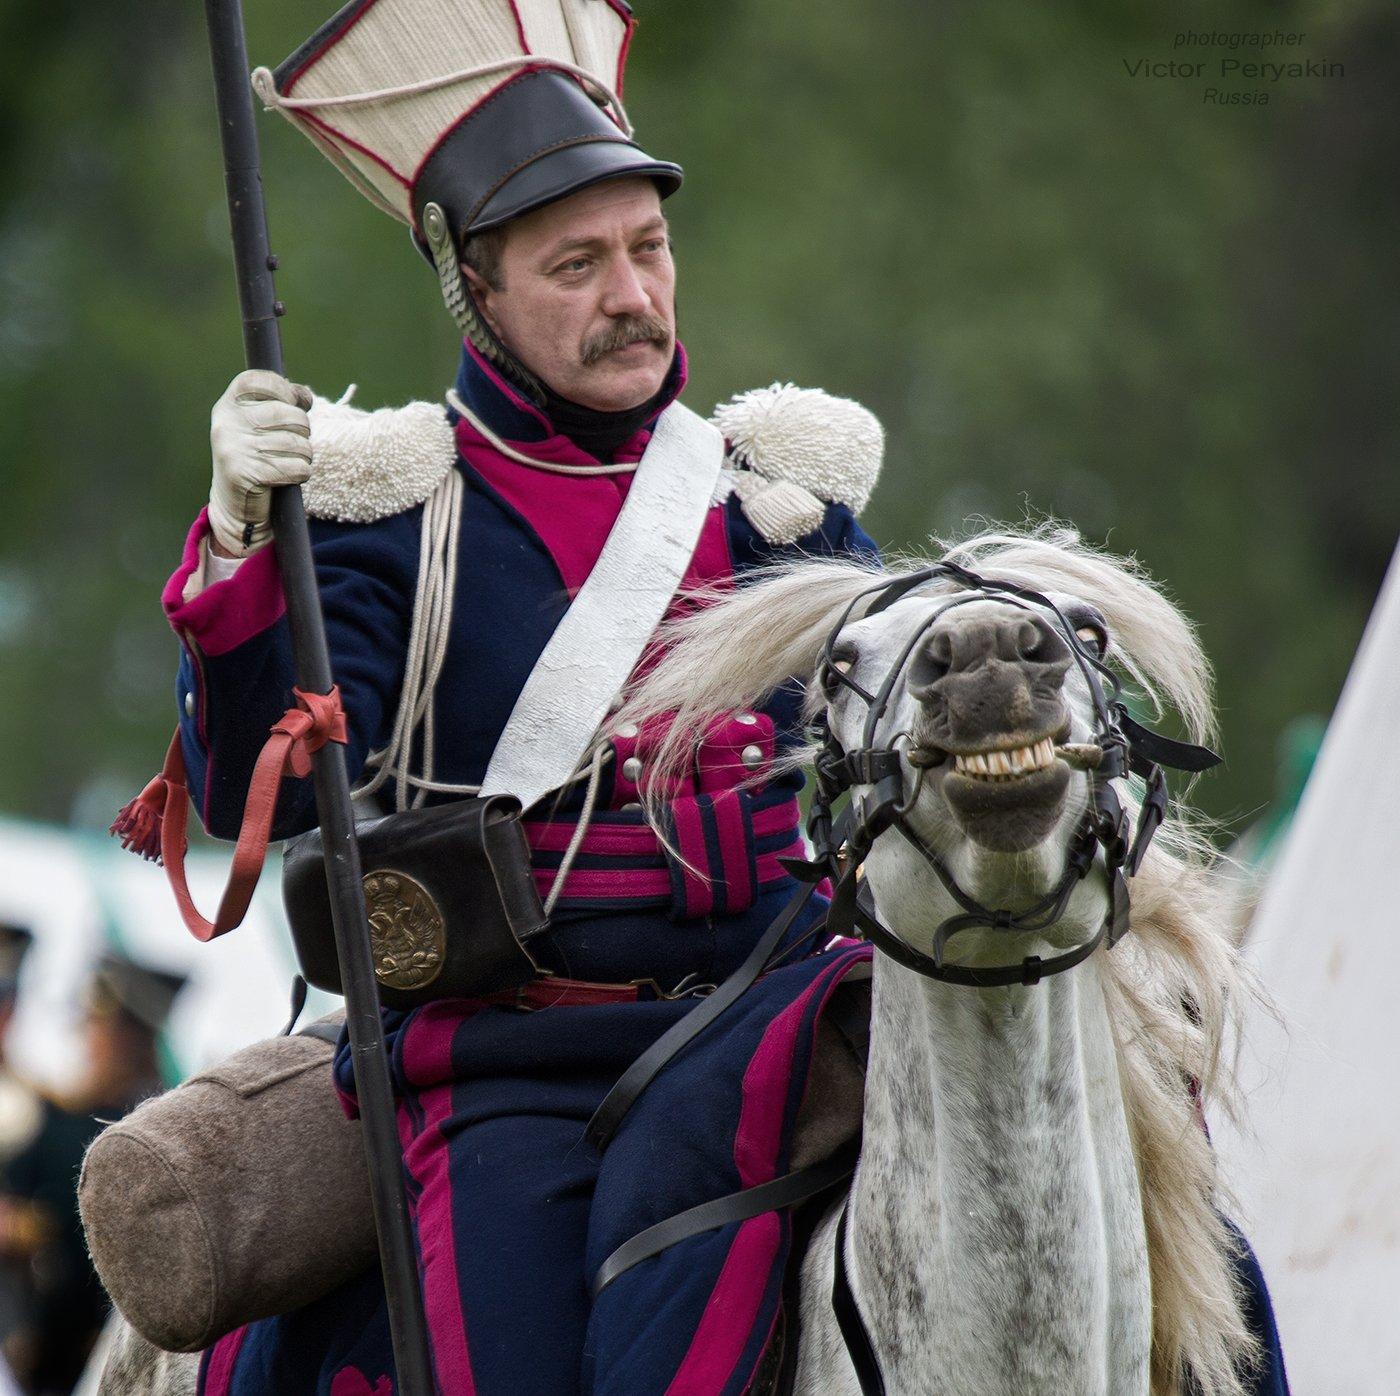 бородинское поле фестиваль оловянный солдатик, Виктор Перякин